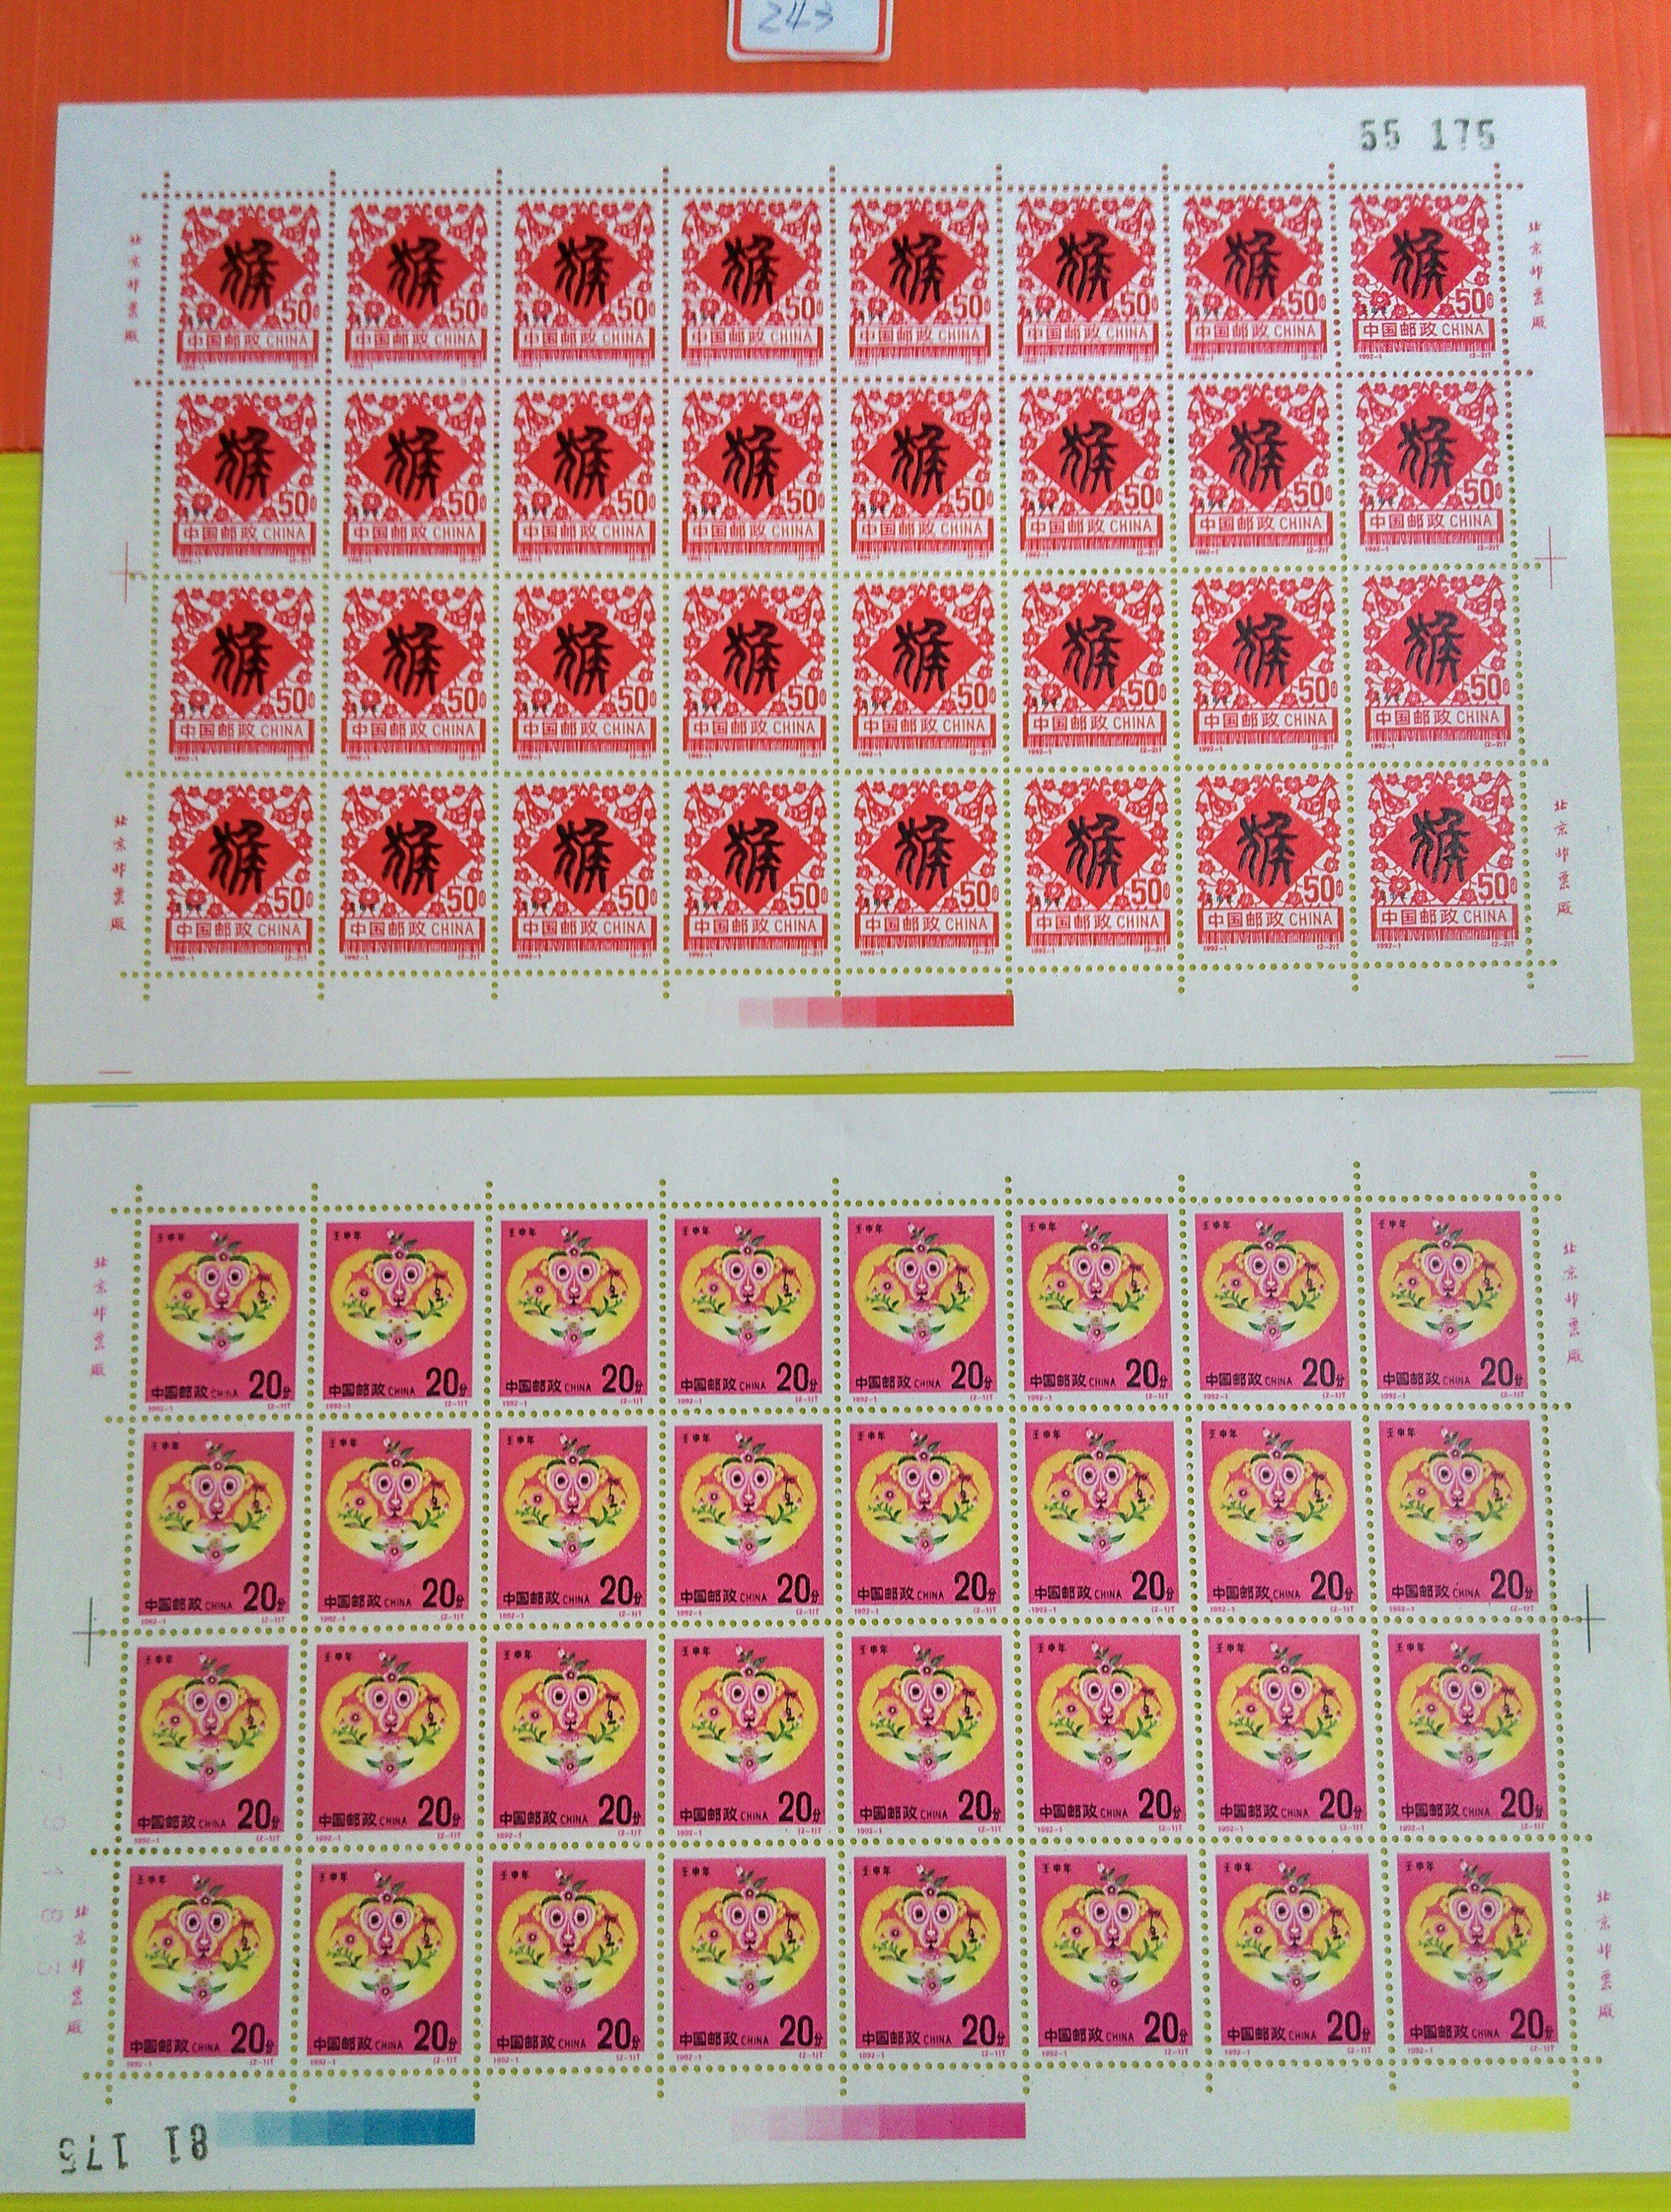 直購價*(243)大陸郵票~1992年-1二輪生肖【猴年】郵票~2全版張(32套)~原膠上品